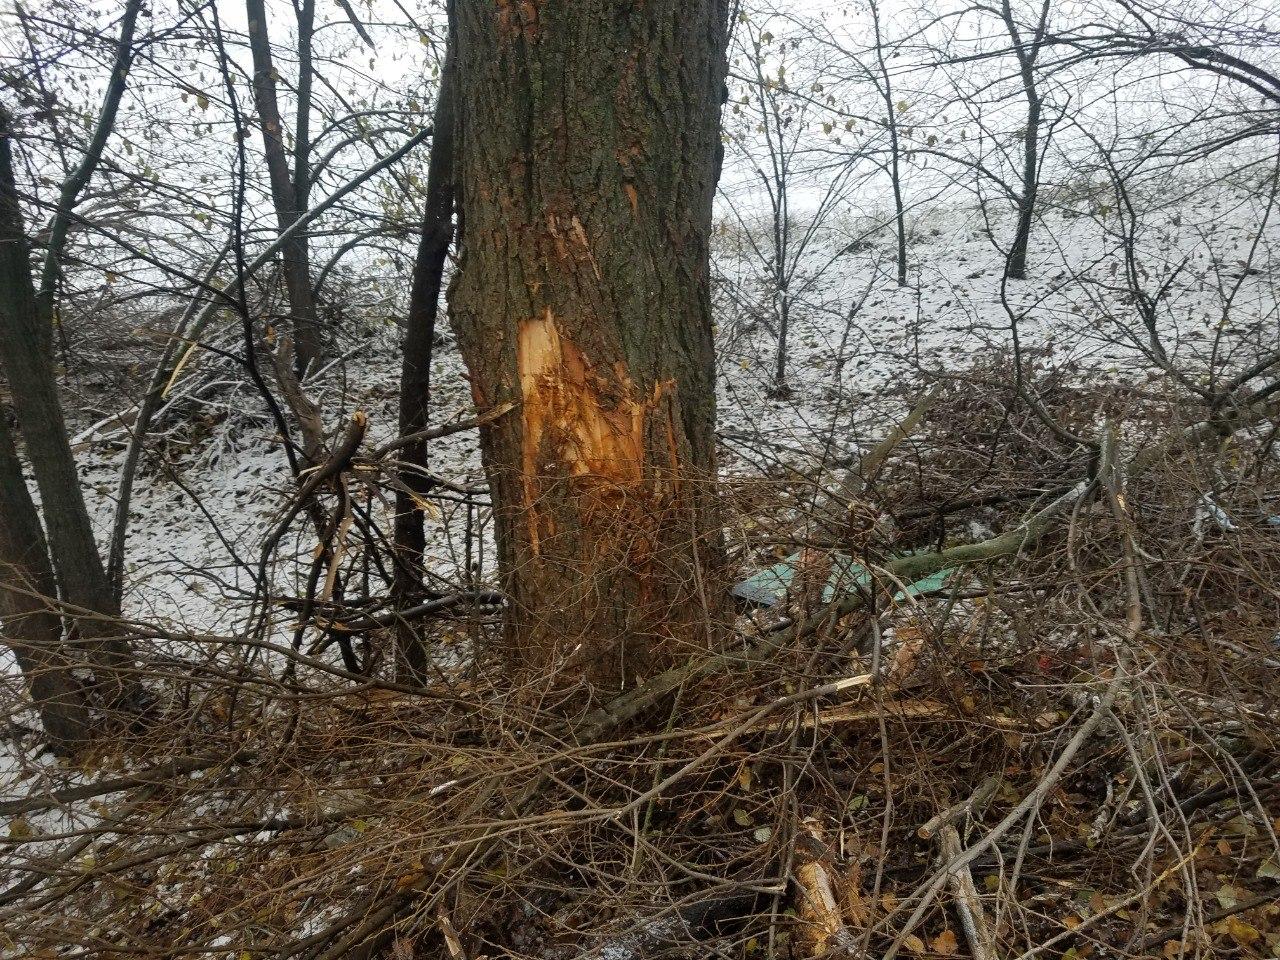 ДТП на Бориспільщині: від удару об дерево двигун авто опинився у салоні - дорога, автомобіль - DTP pid Boryspolem derevo